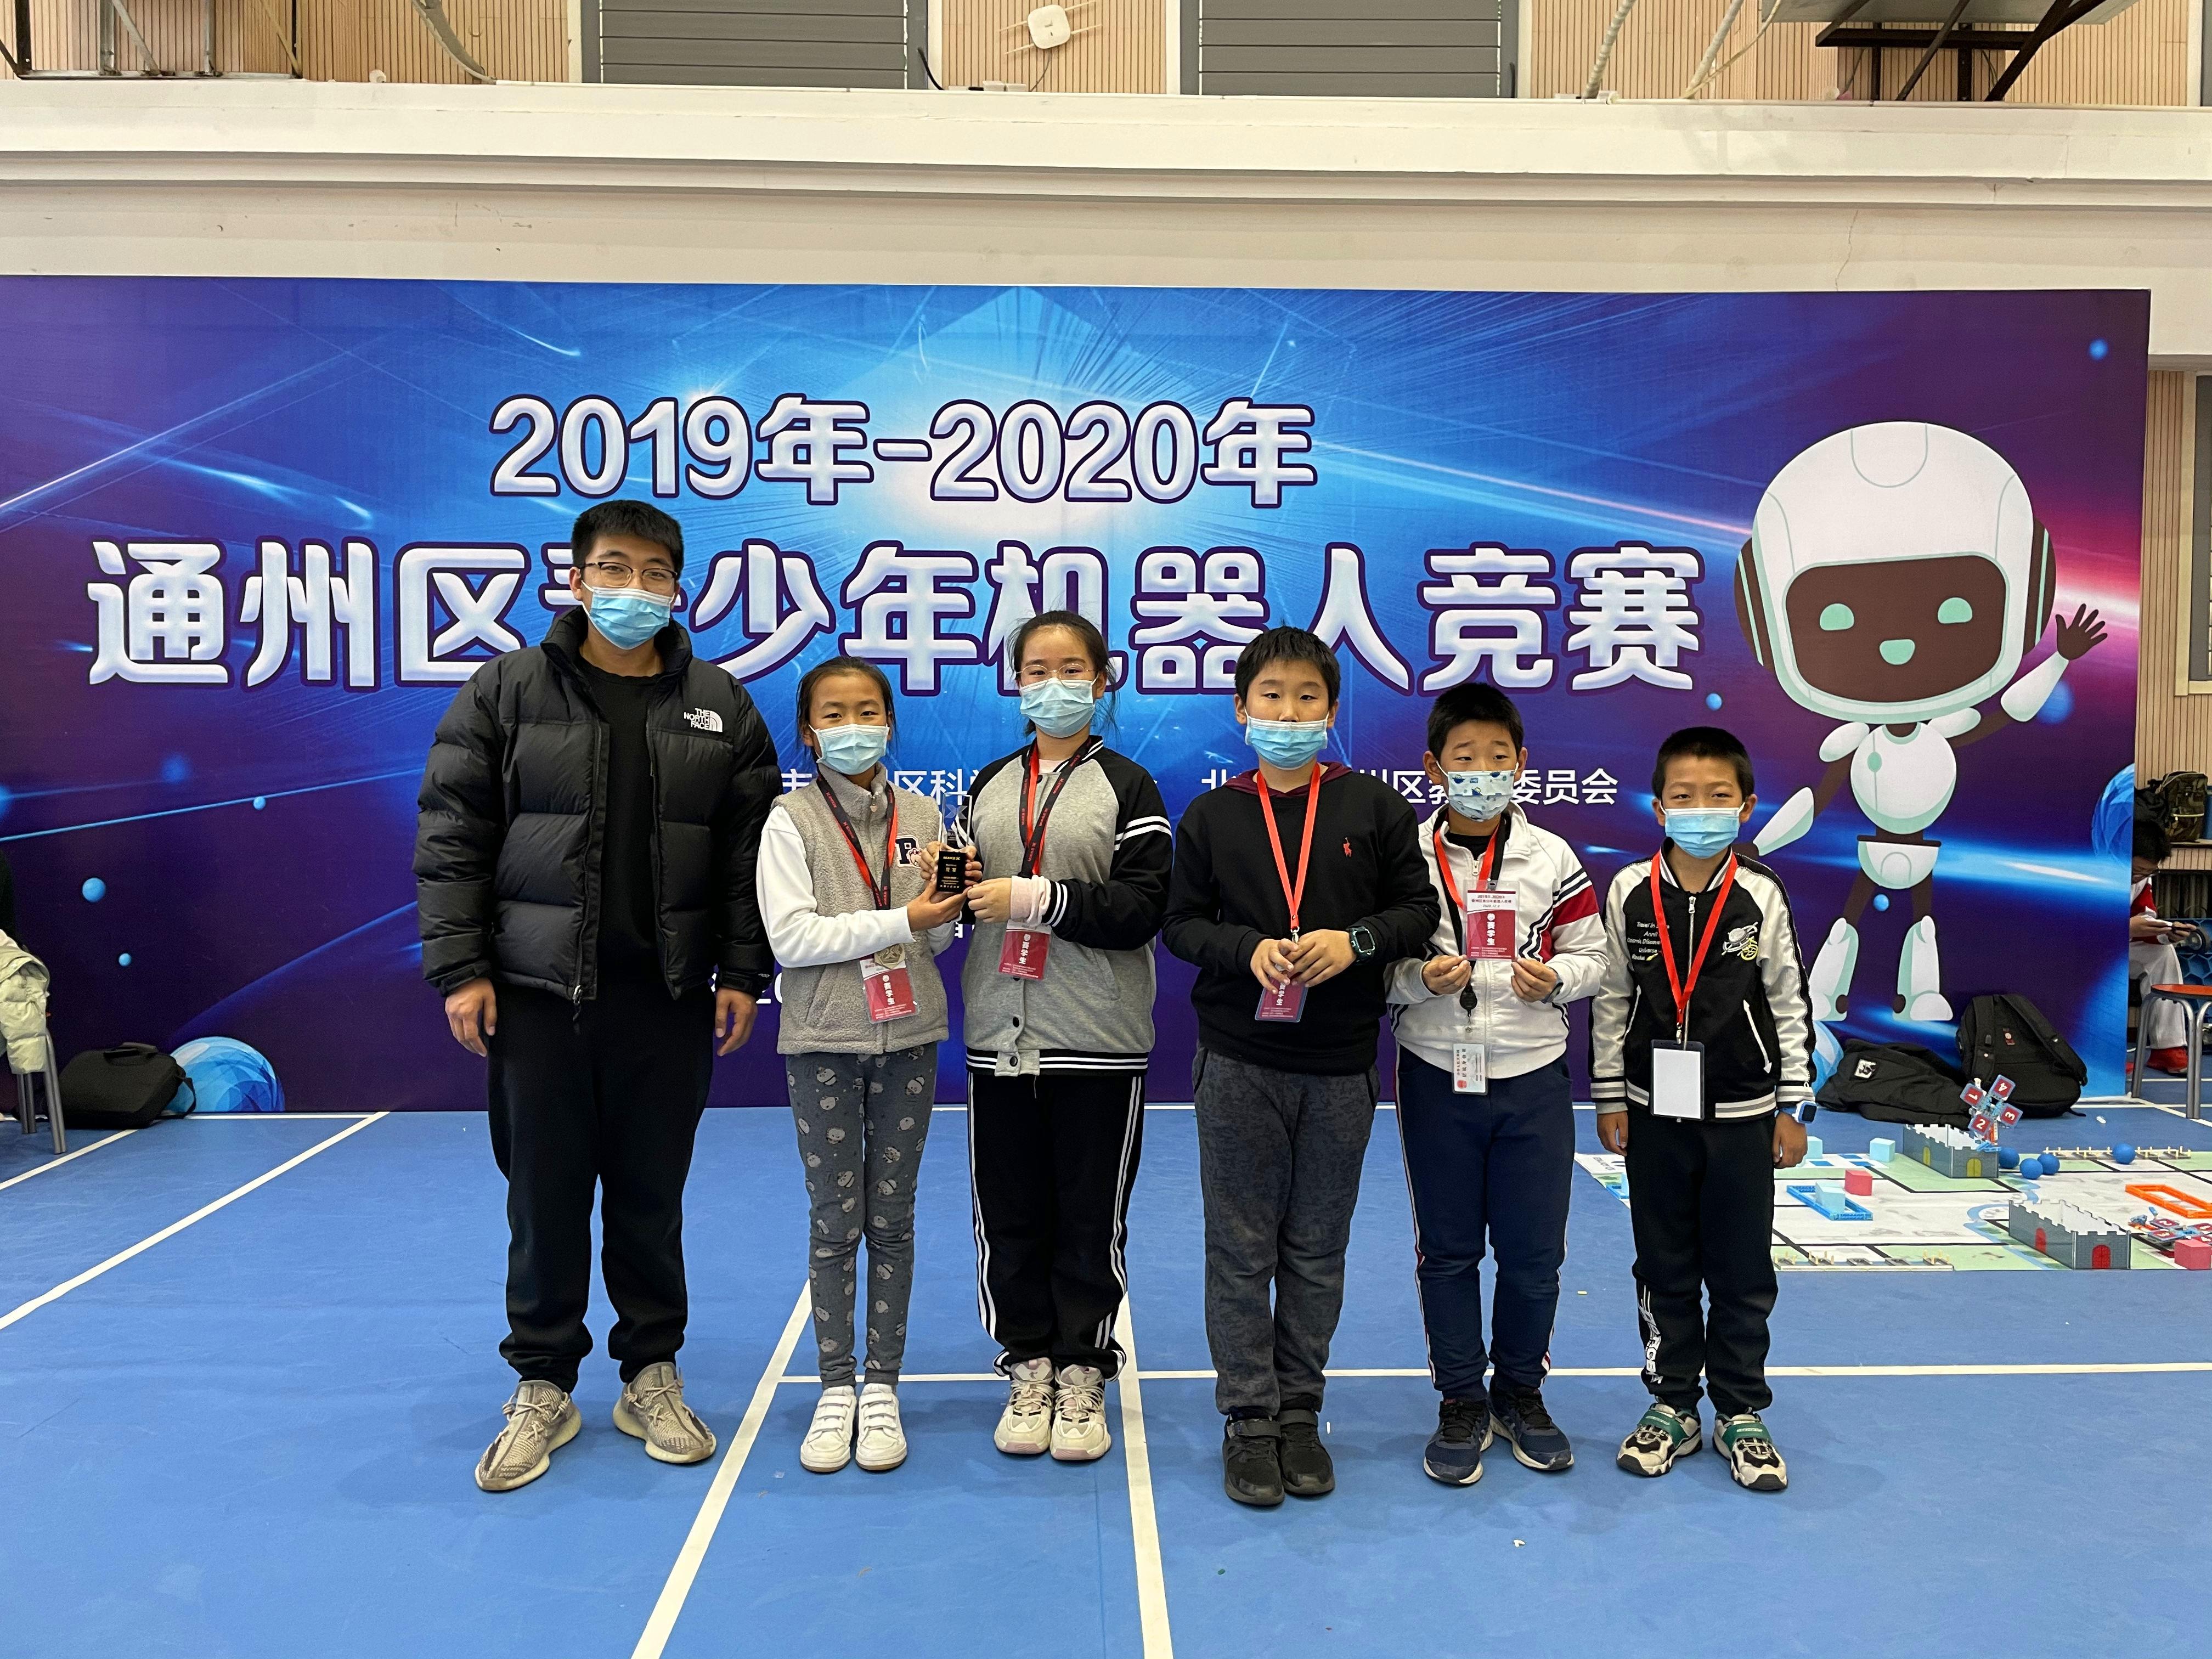 指导教师刘硕老师与队员们分享胜利的喜悦.jpg